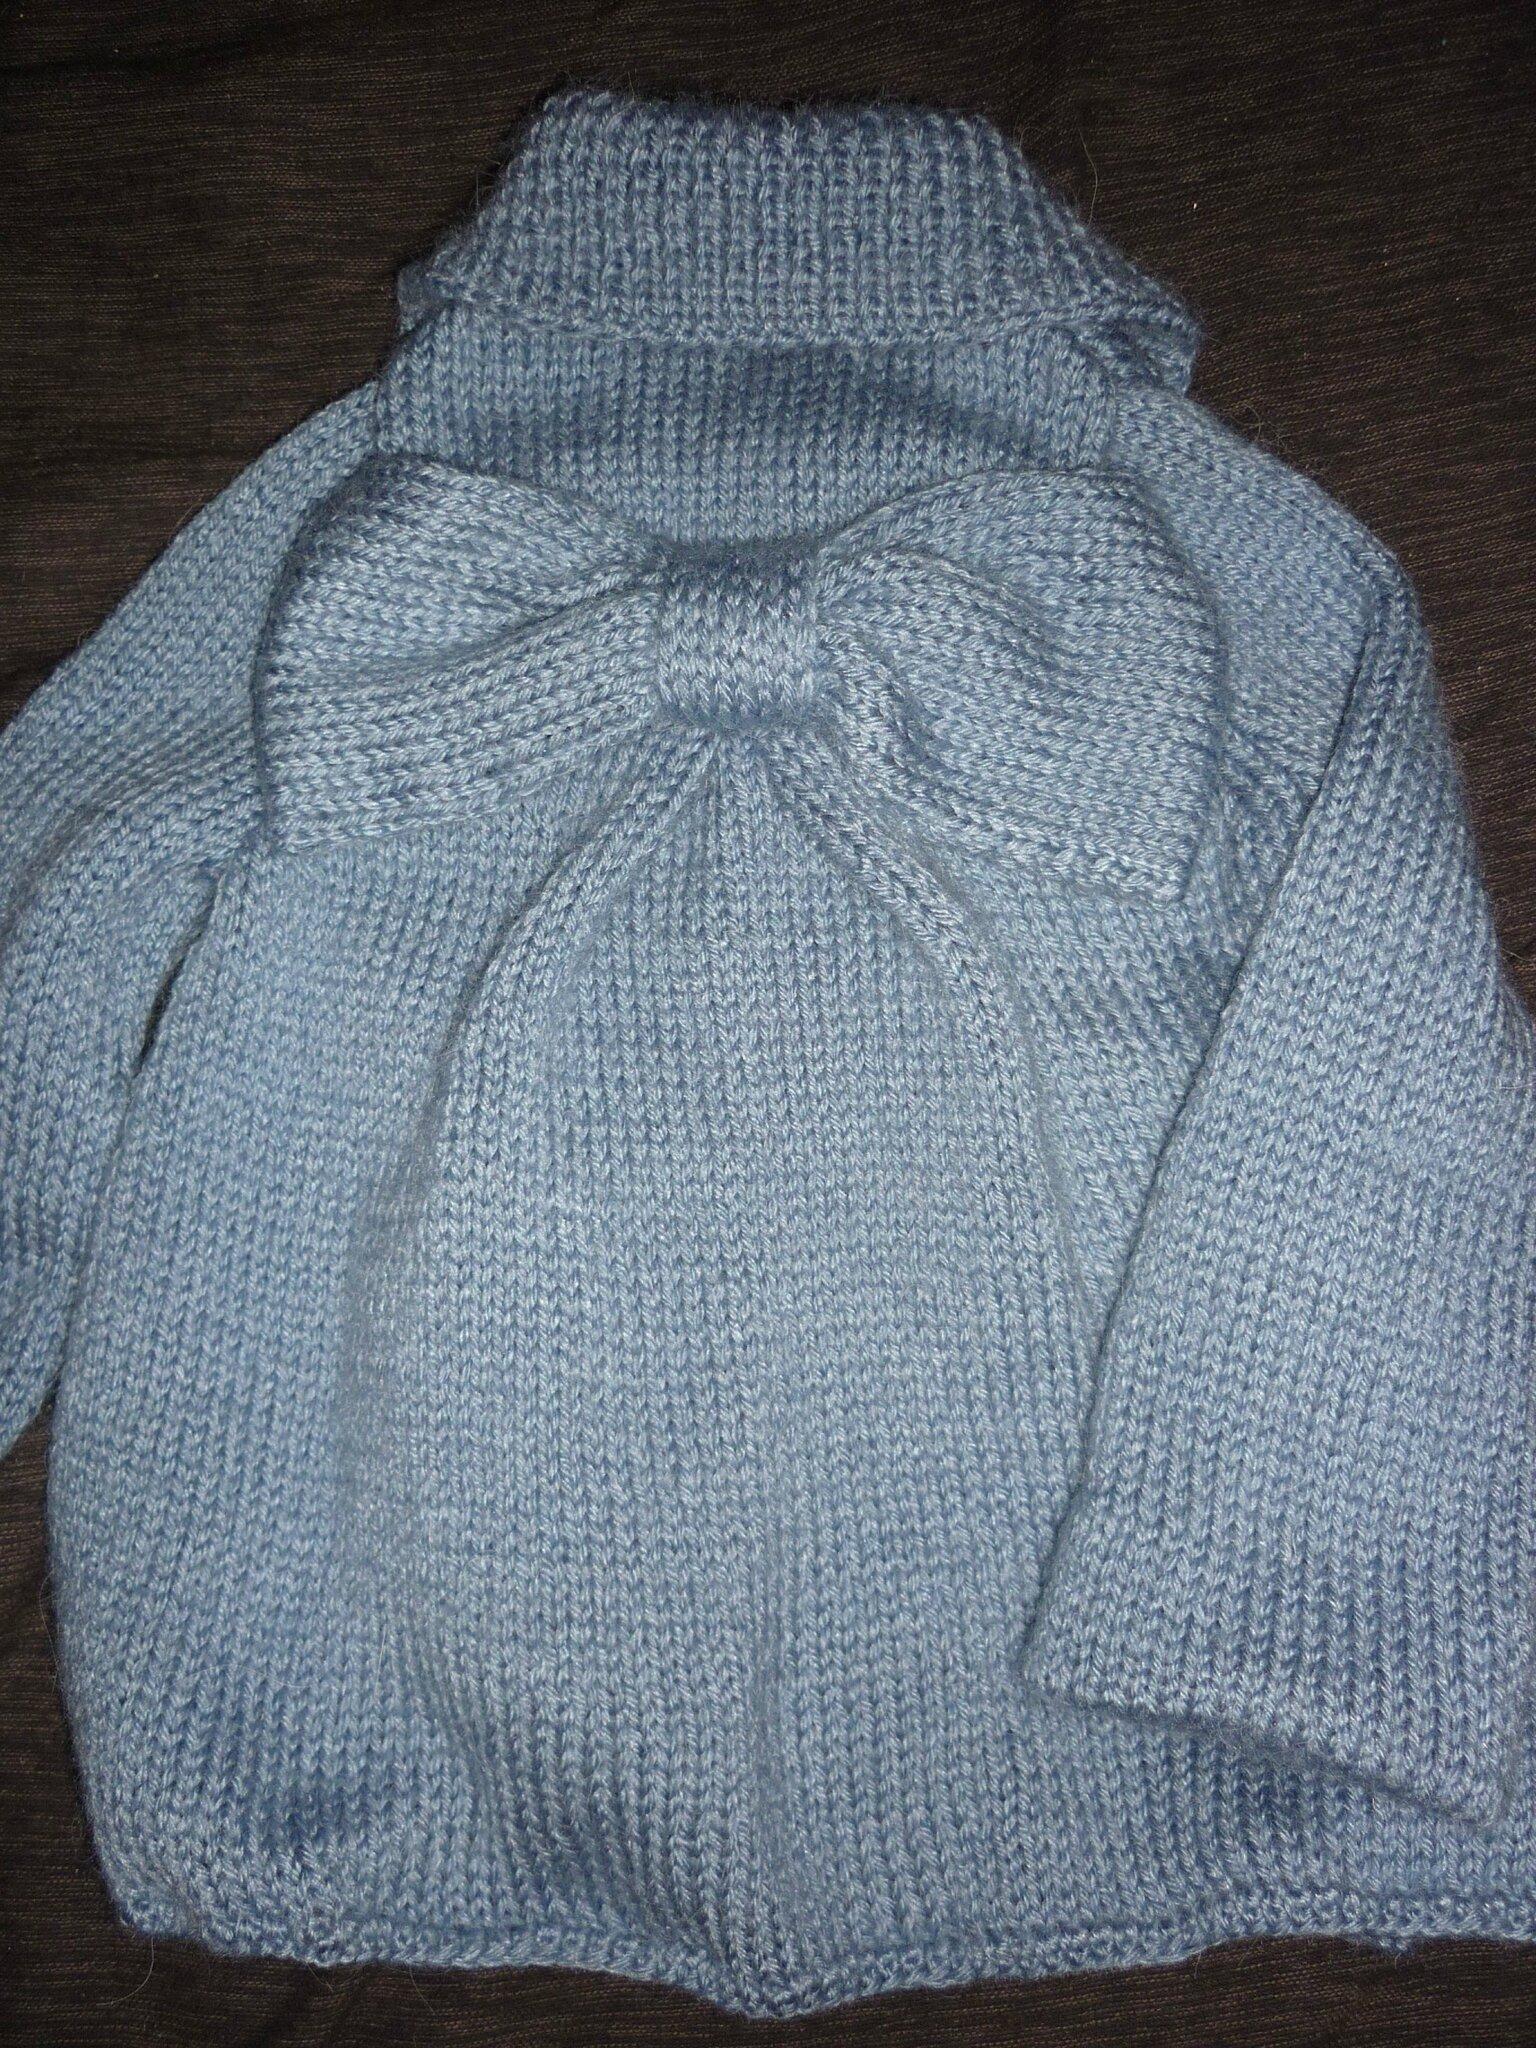 Gilet bleu à col, gros noeud dans le dos